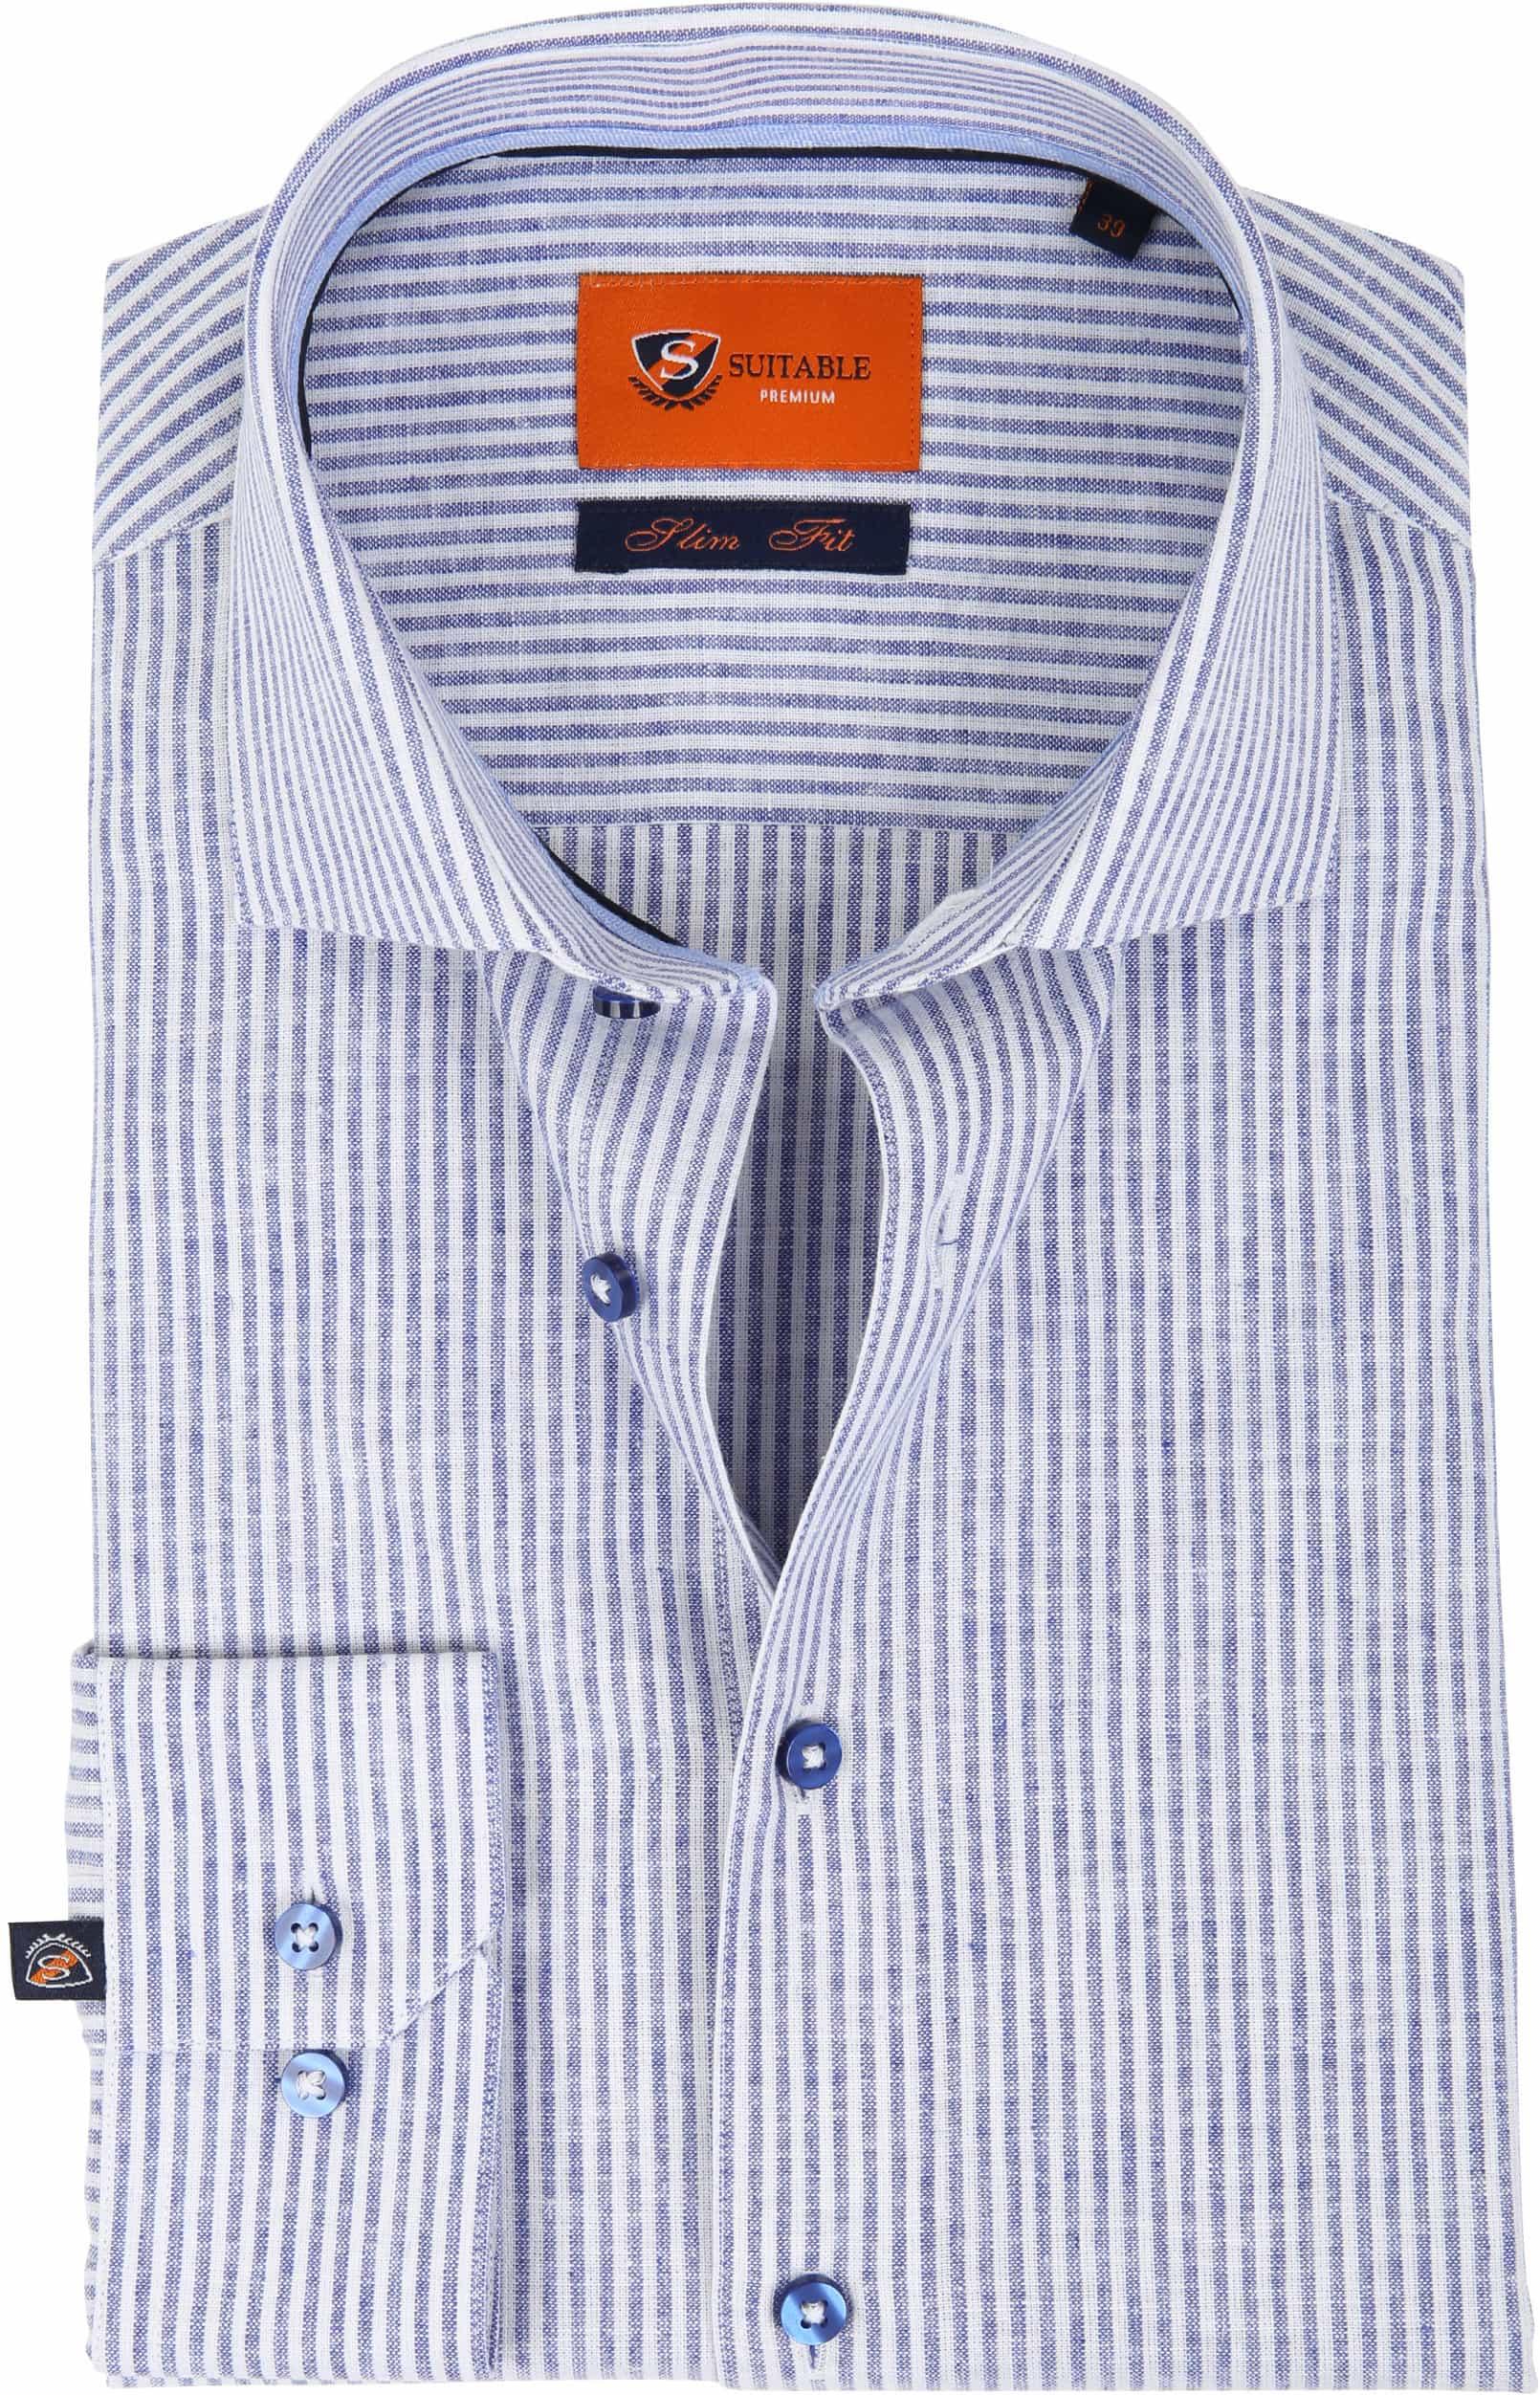 Suitable Hemd Leinen Blau D81-14 foto 0